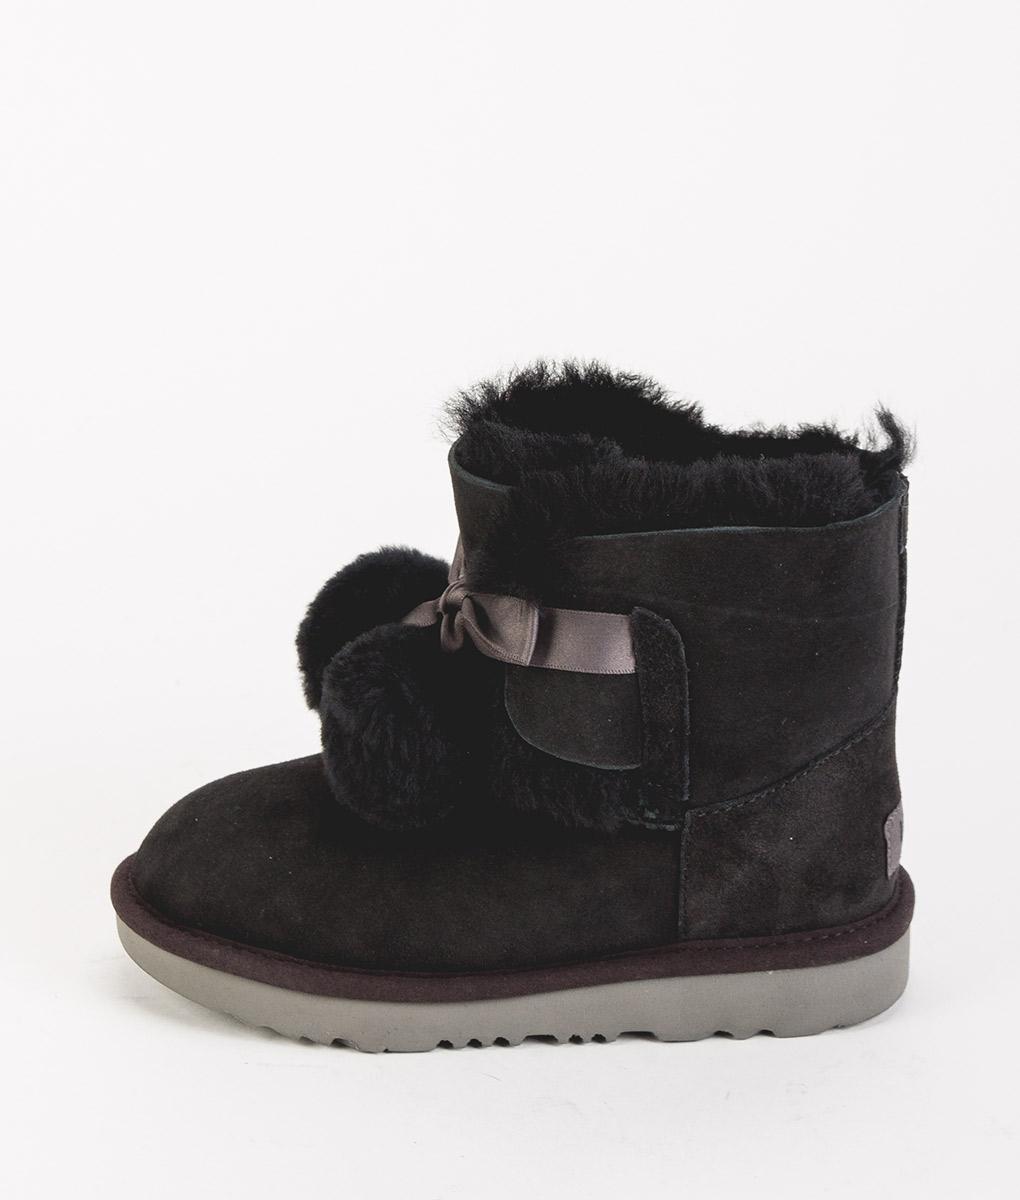 UGG Kids Ankle Boots 1017403K GITA, Black 219.99